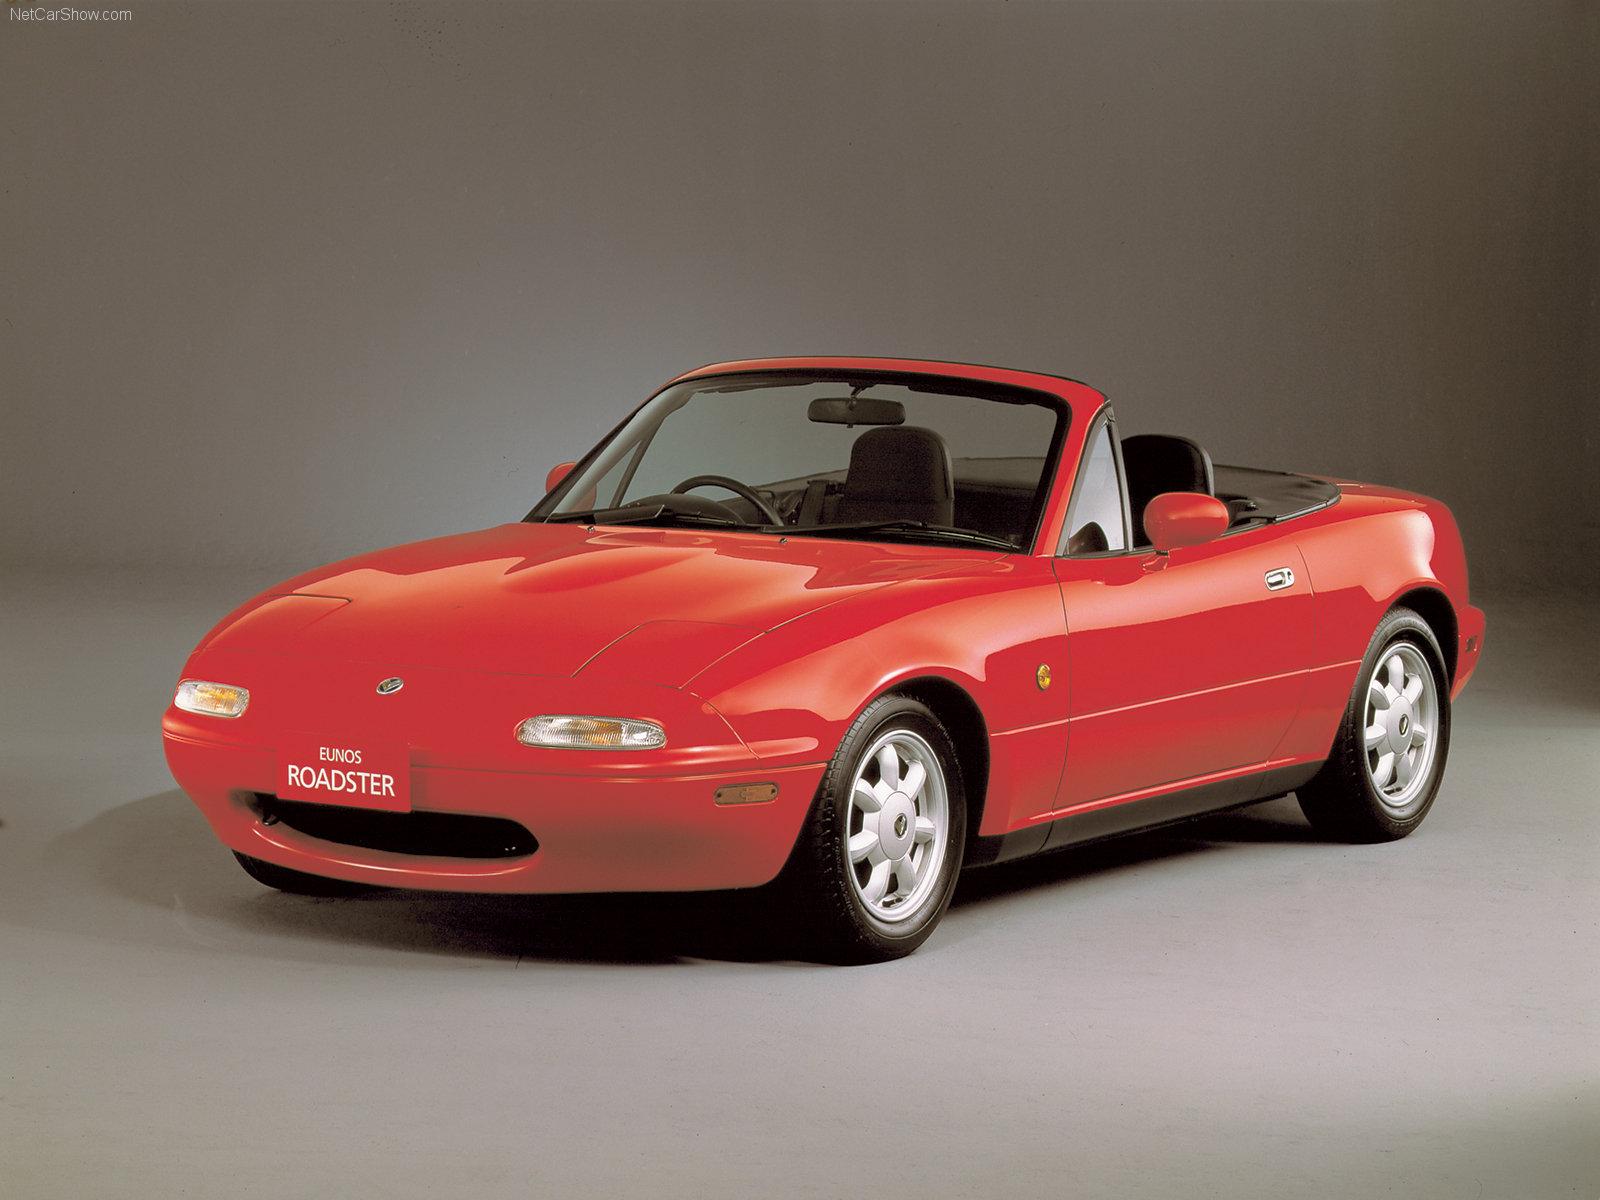 O clássico roadster MX-5 (ou Miata, se preferir) é um dos ícones da Mazda